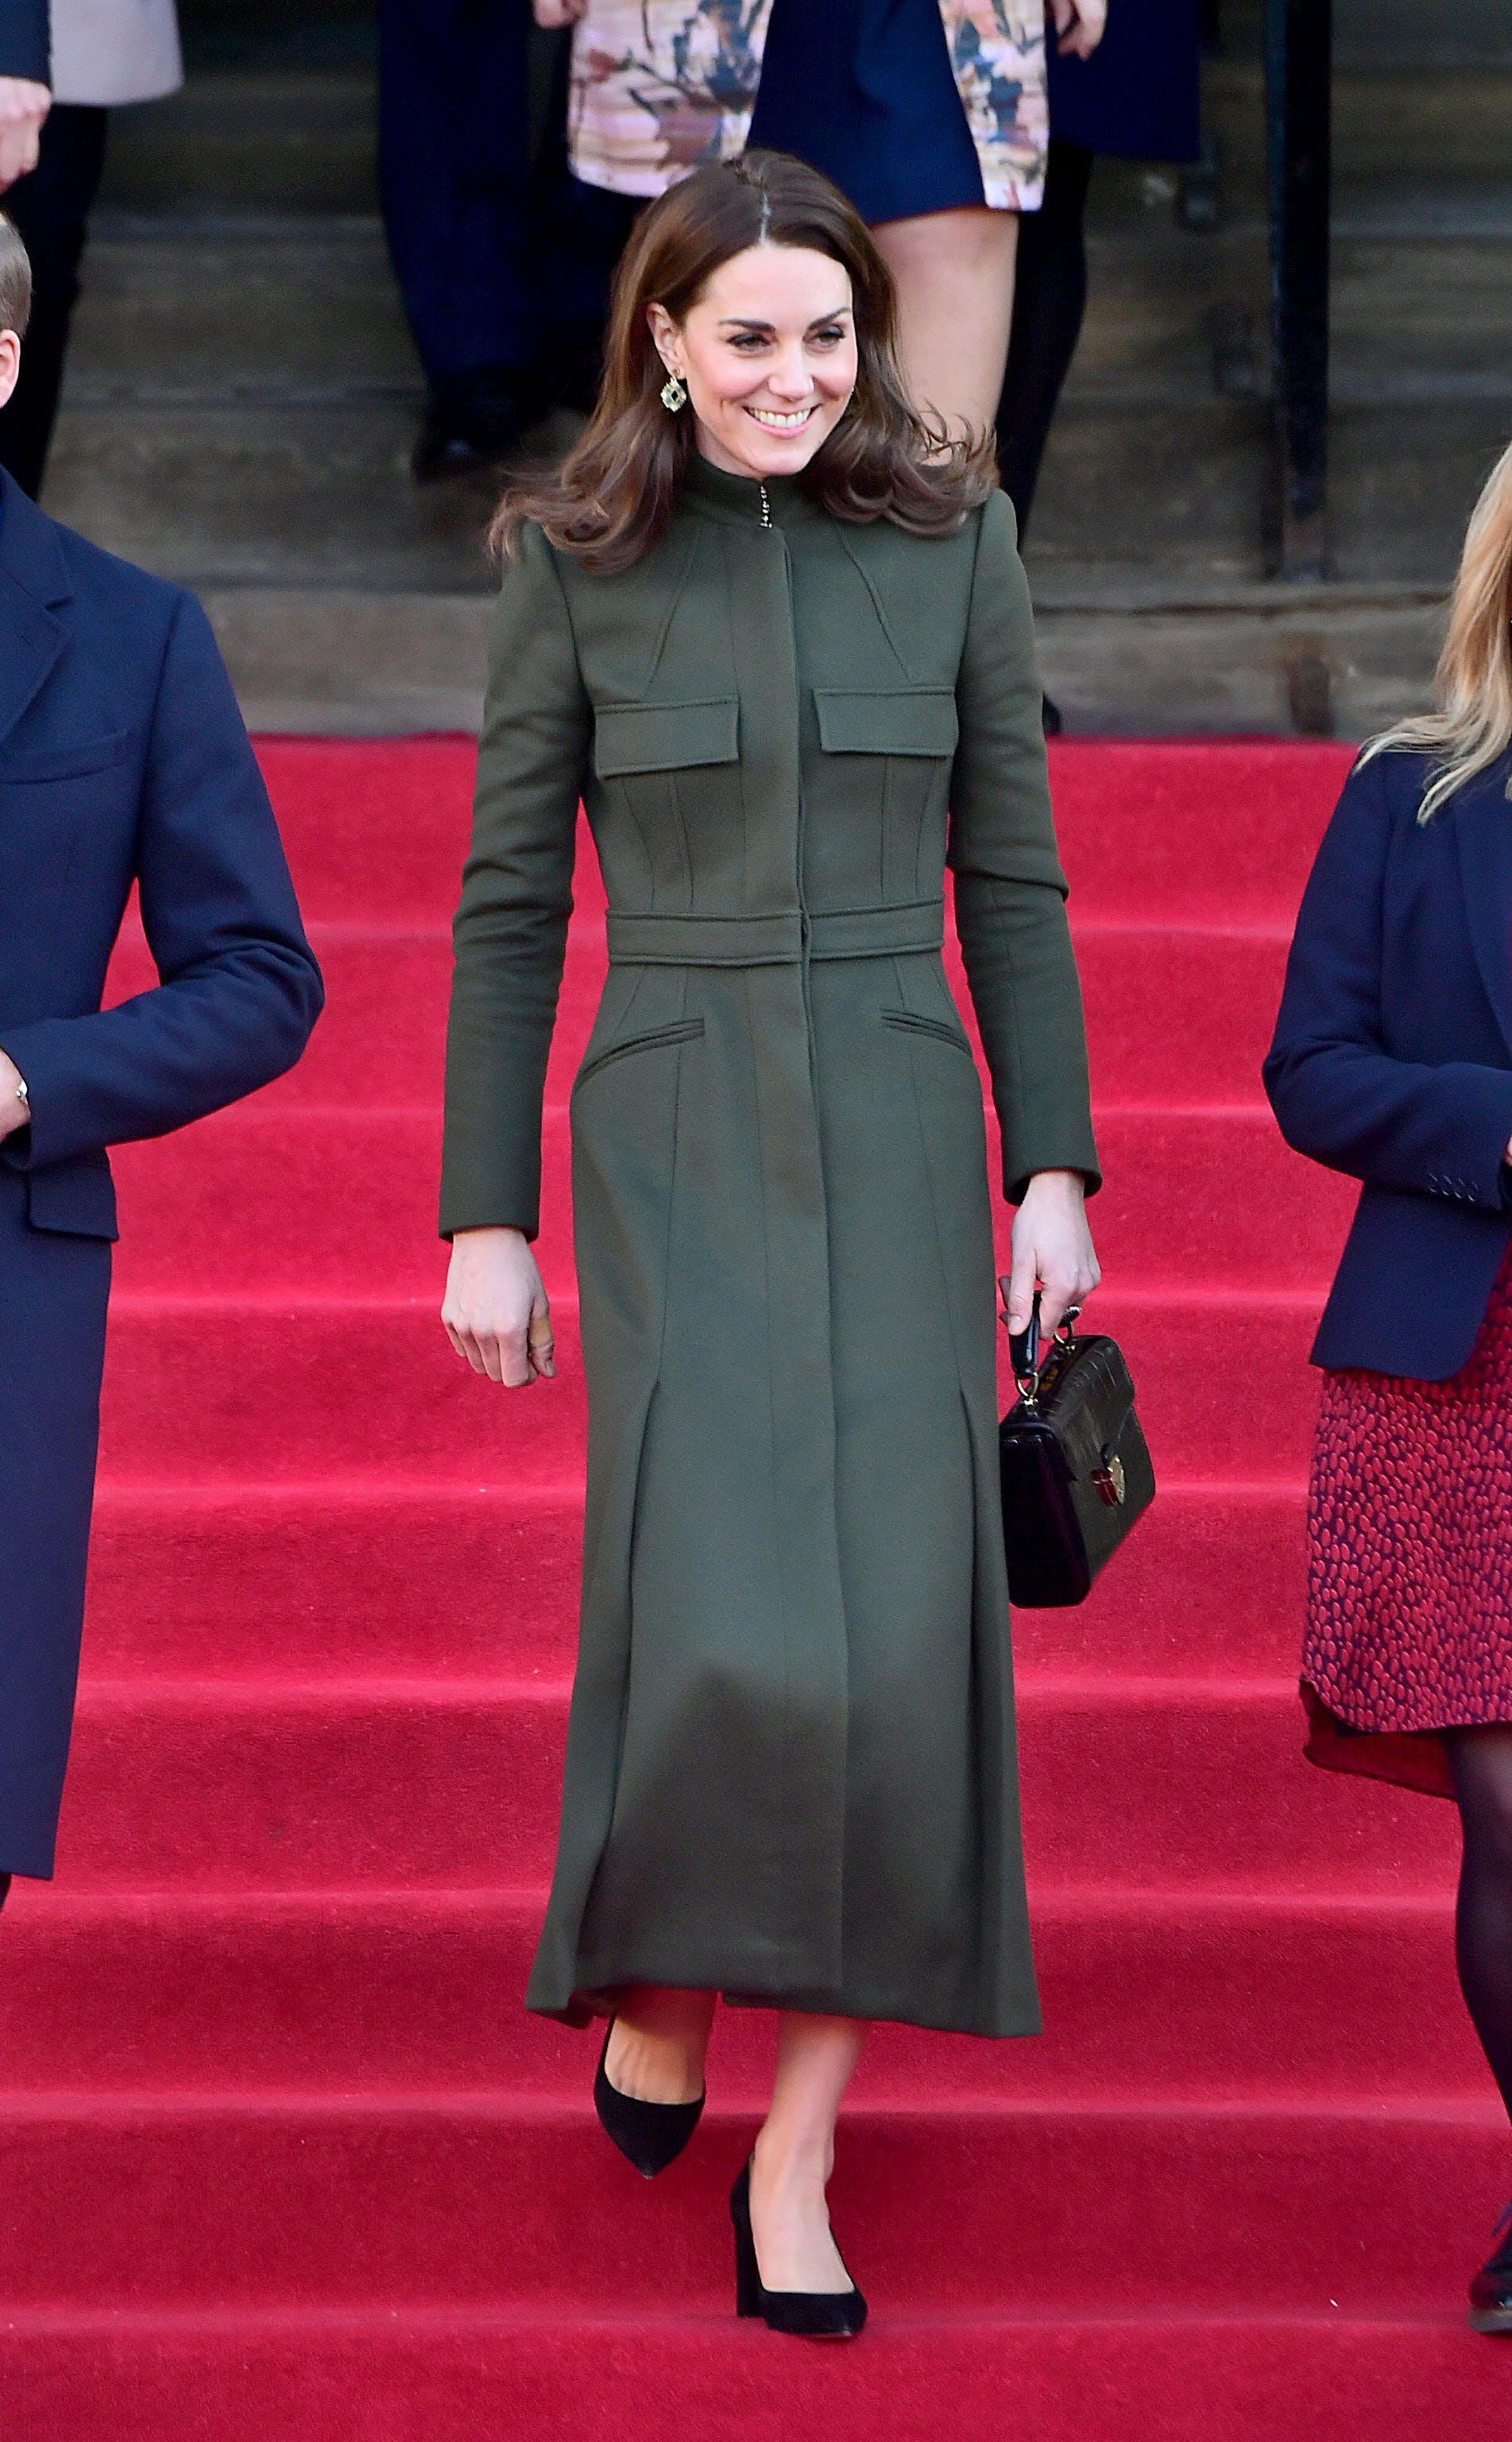 معطف طويل باللون الزيتي العسكري من الكسندر مكوين ارتدته كيت ميدلتون